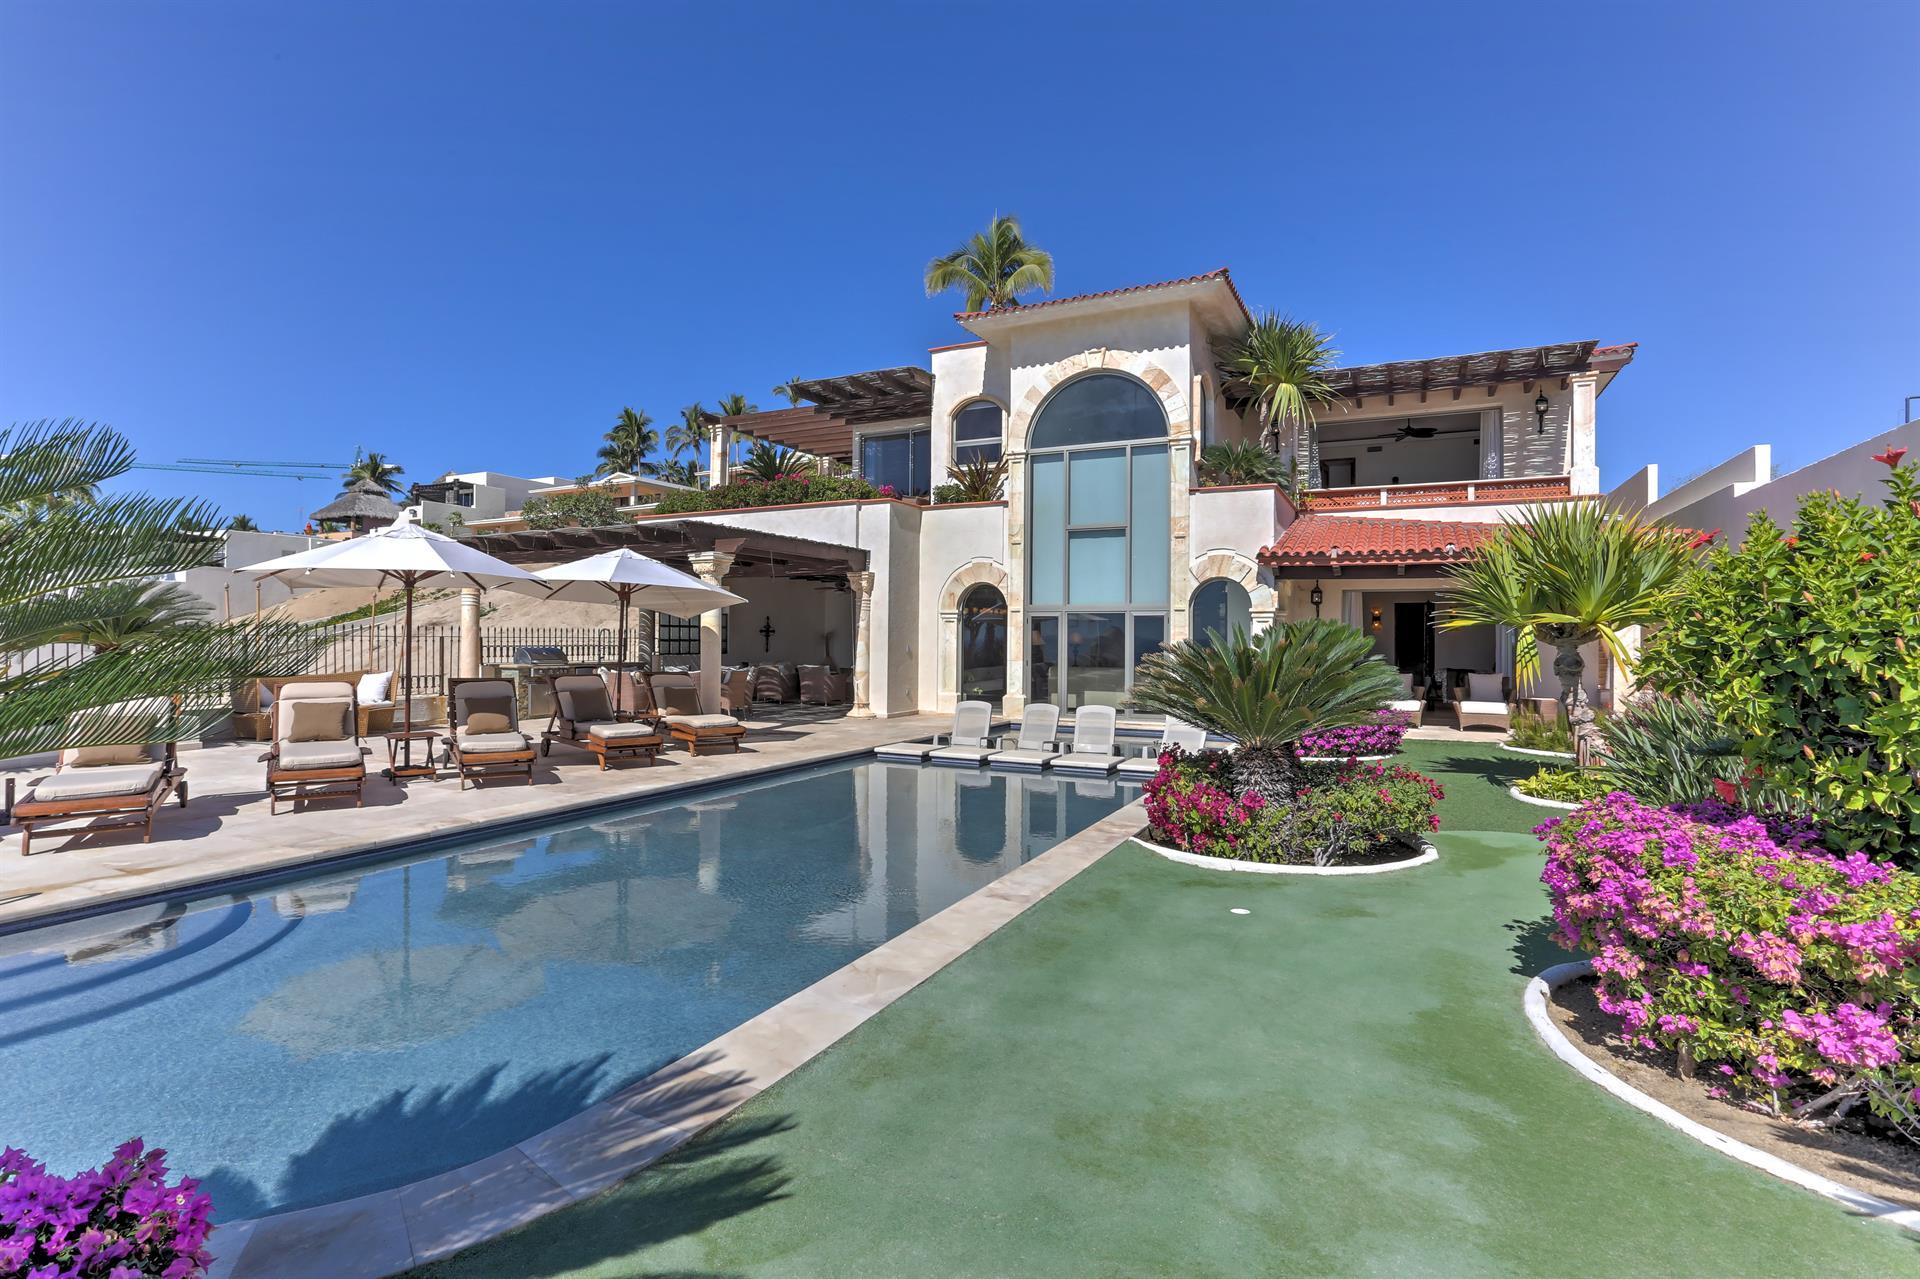 Casa Bella Vista A Luxury Home For Sale In San Jose Del